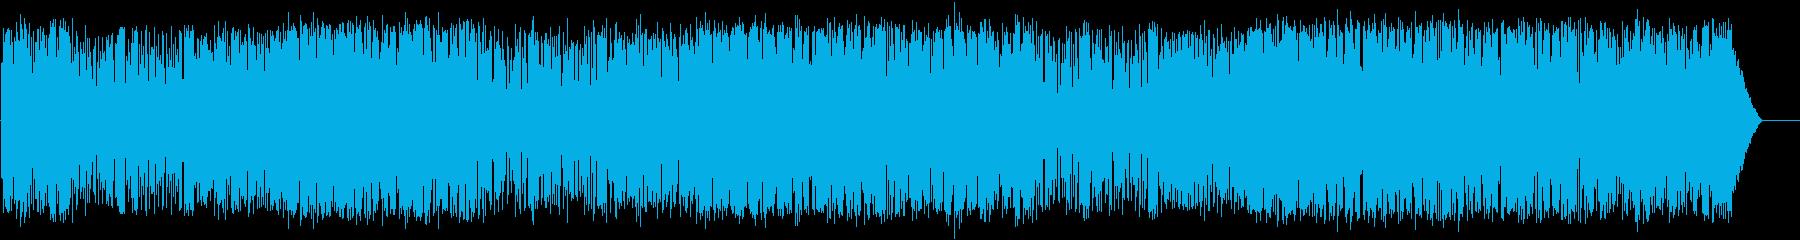 明るく爽やかなポップス(フルサイズ)の再生済みの波形